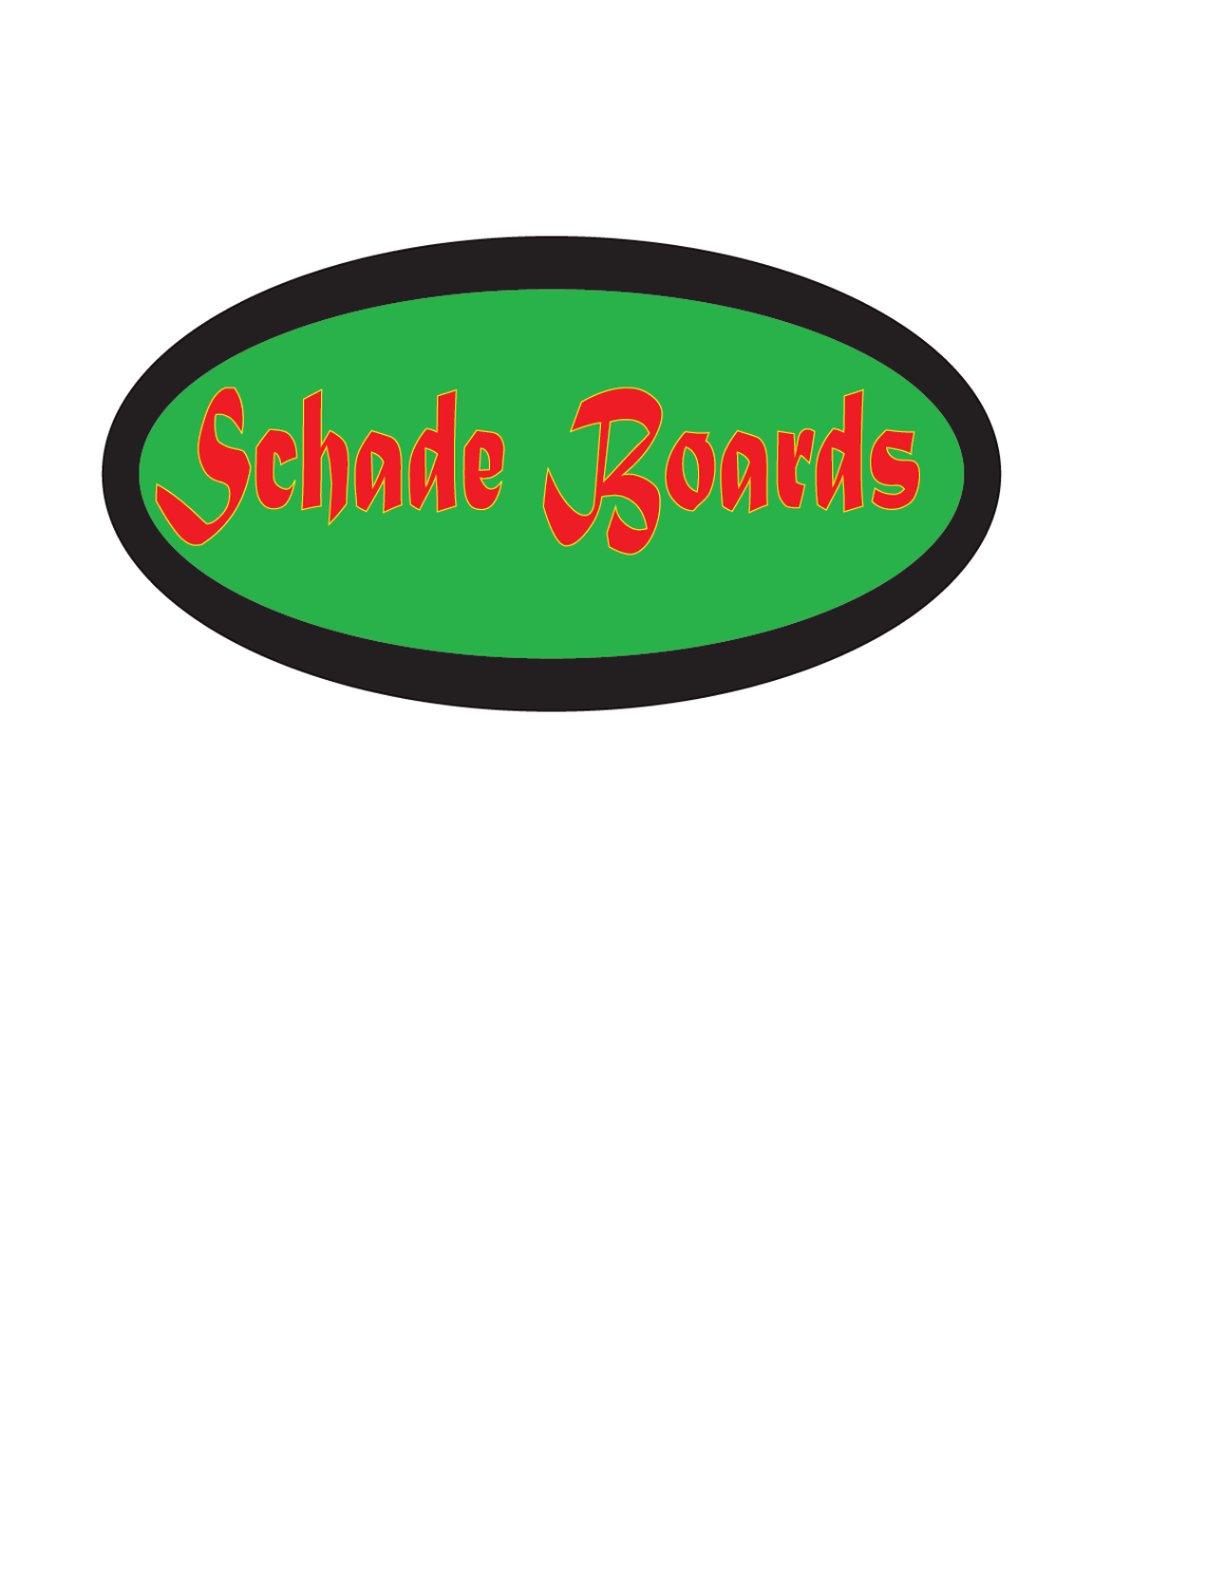 Schade Boards